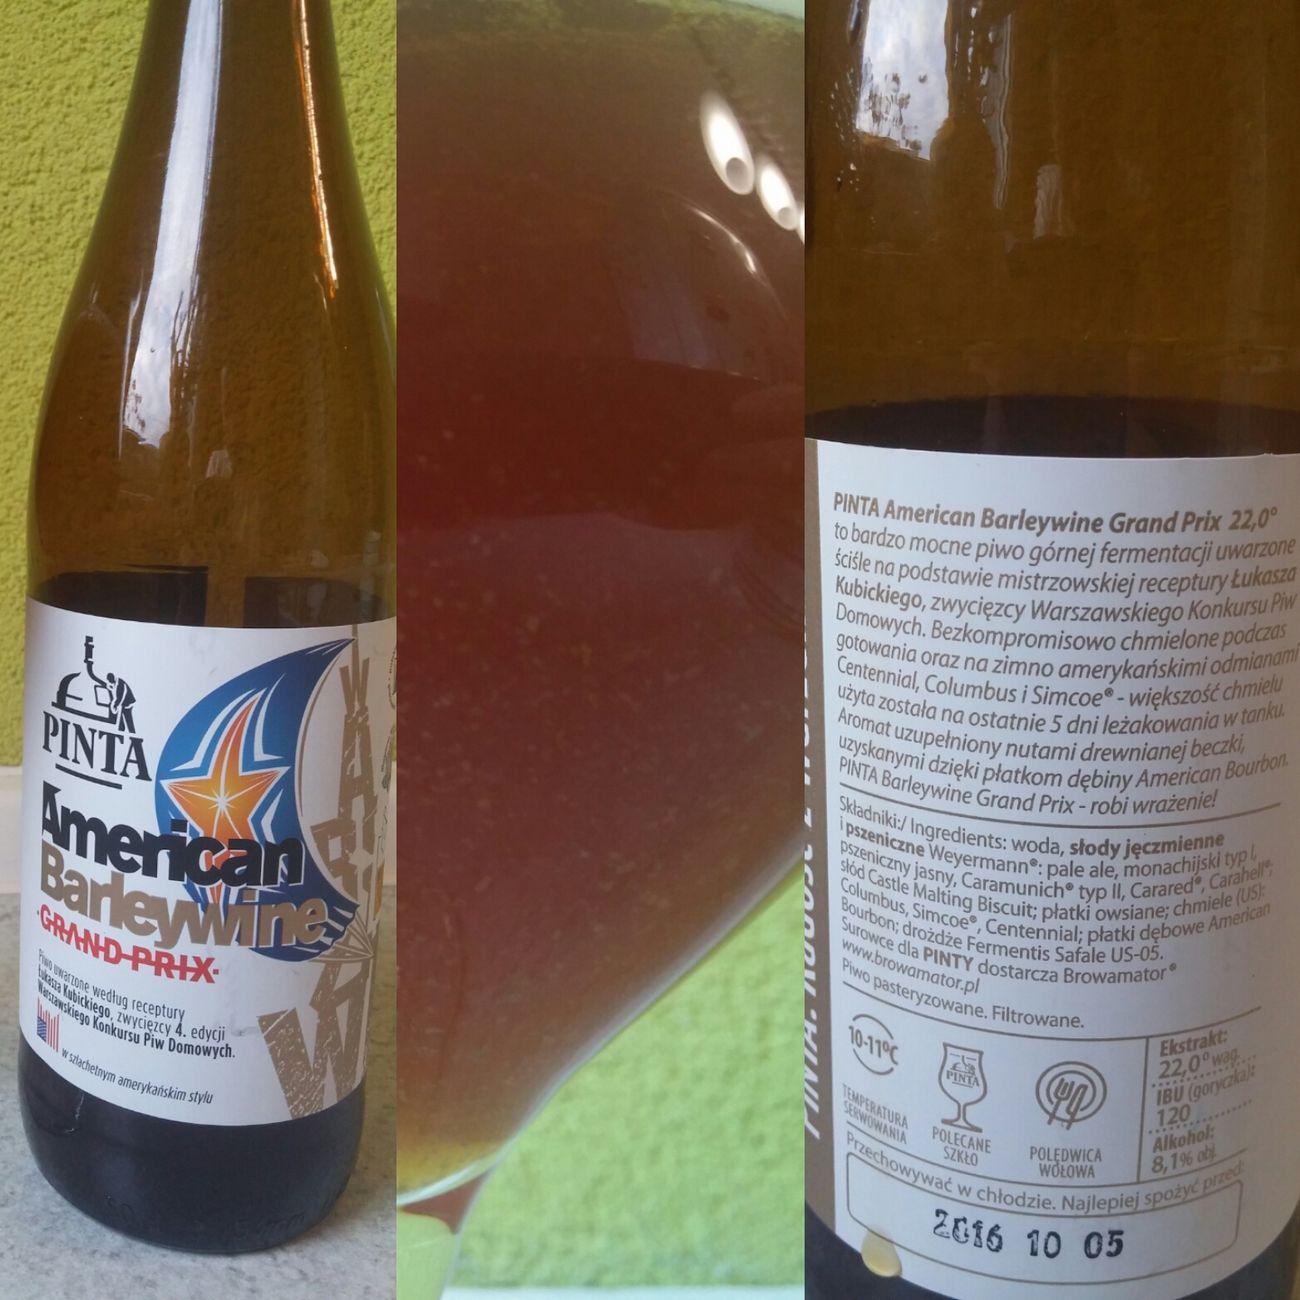 Craftbeer Polishcraftbeer Beerporn Craft Beer Barley Wine Beer Time My Hobby Good Taste